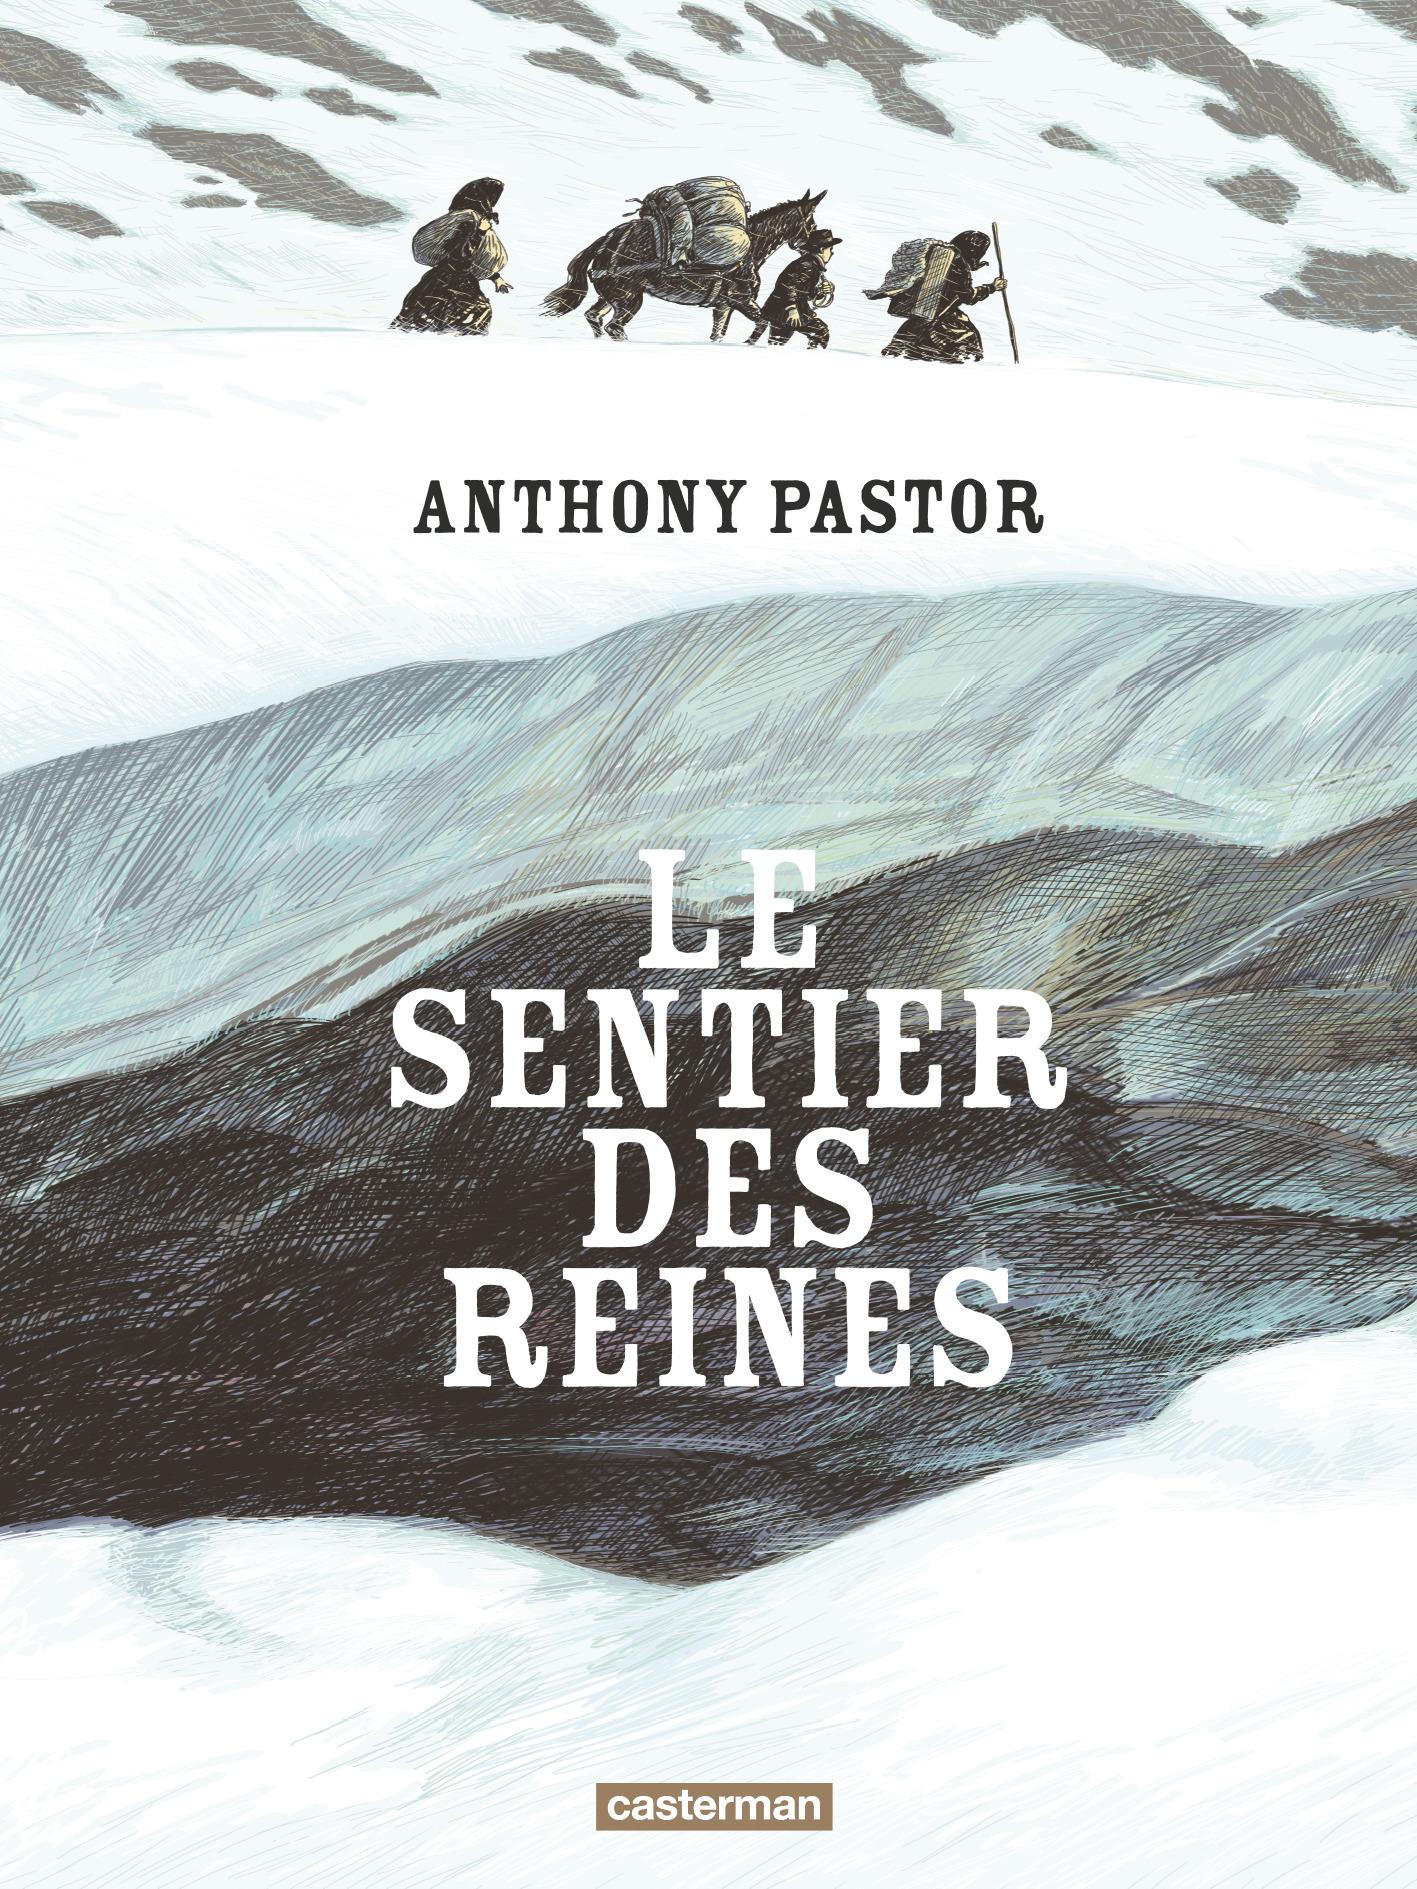 Le sentier des reines - Anthony Pastor - Casterman - Couverture